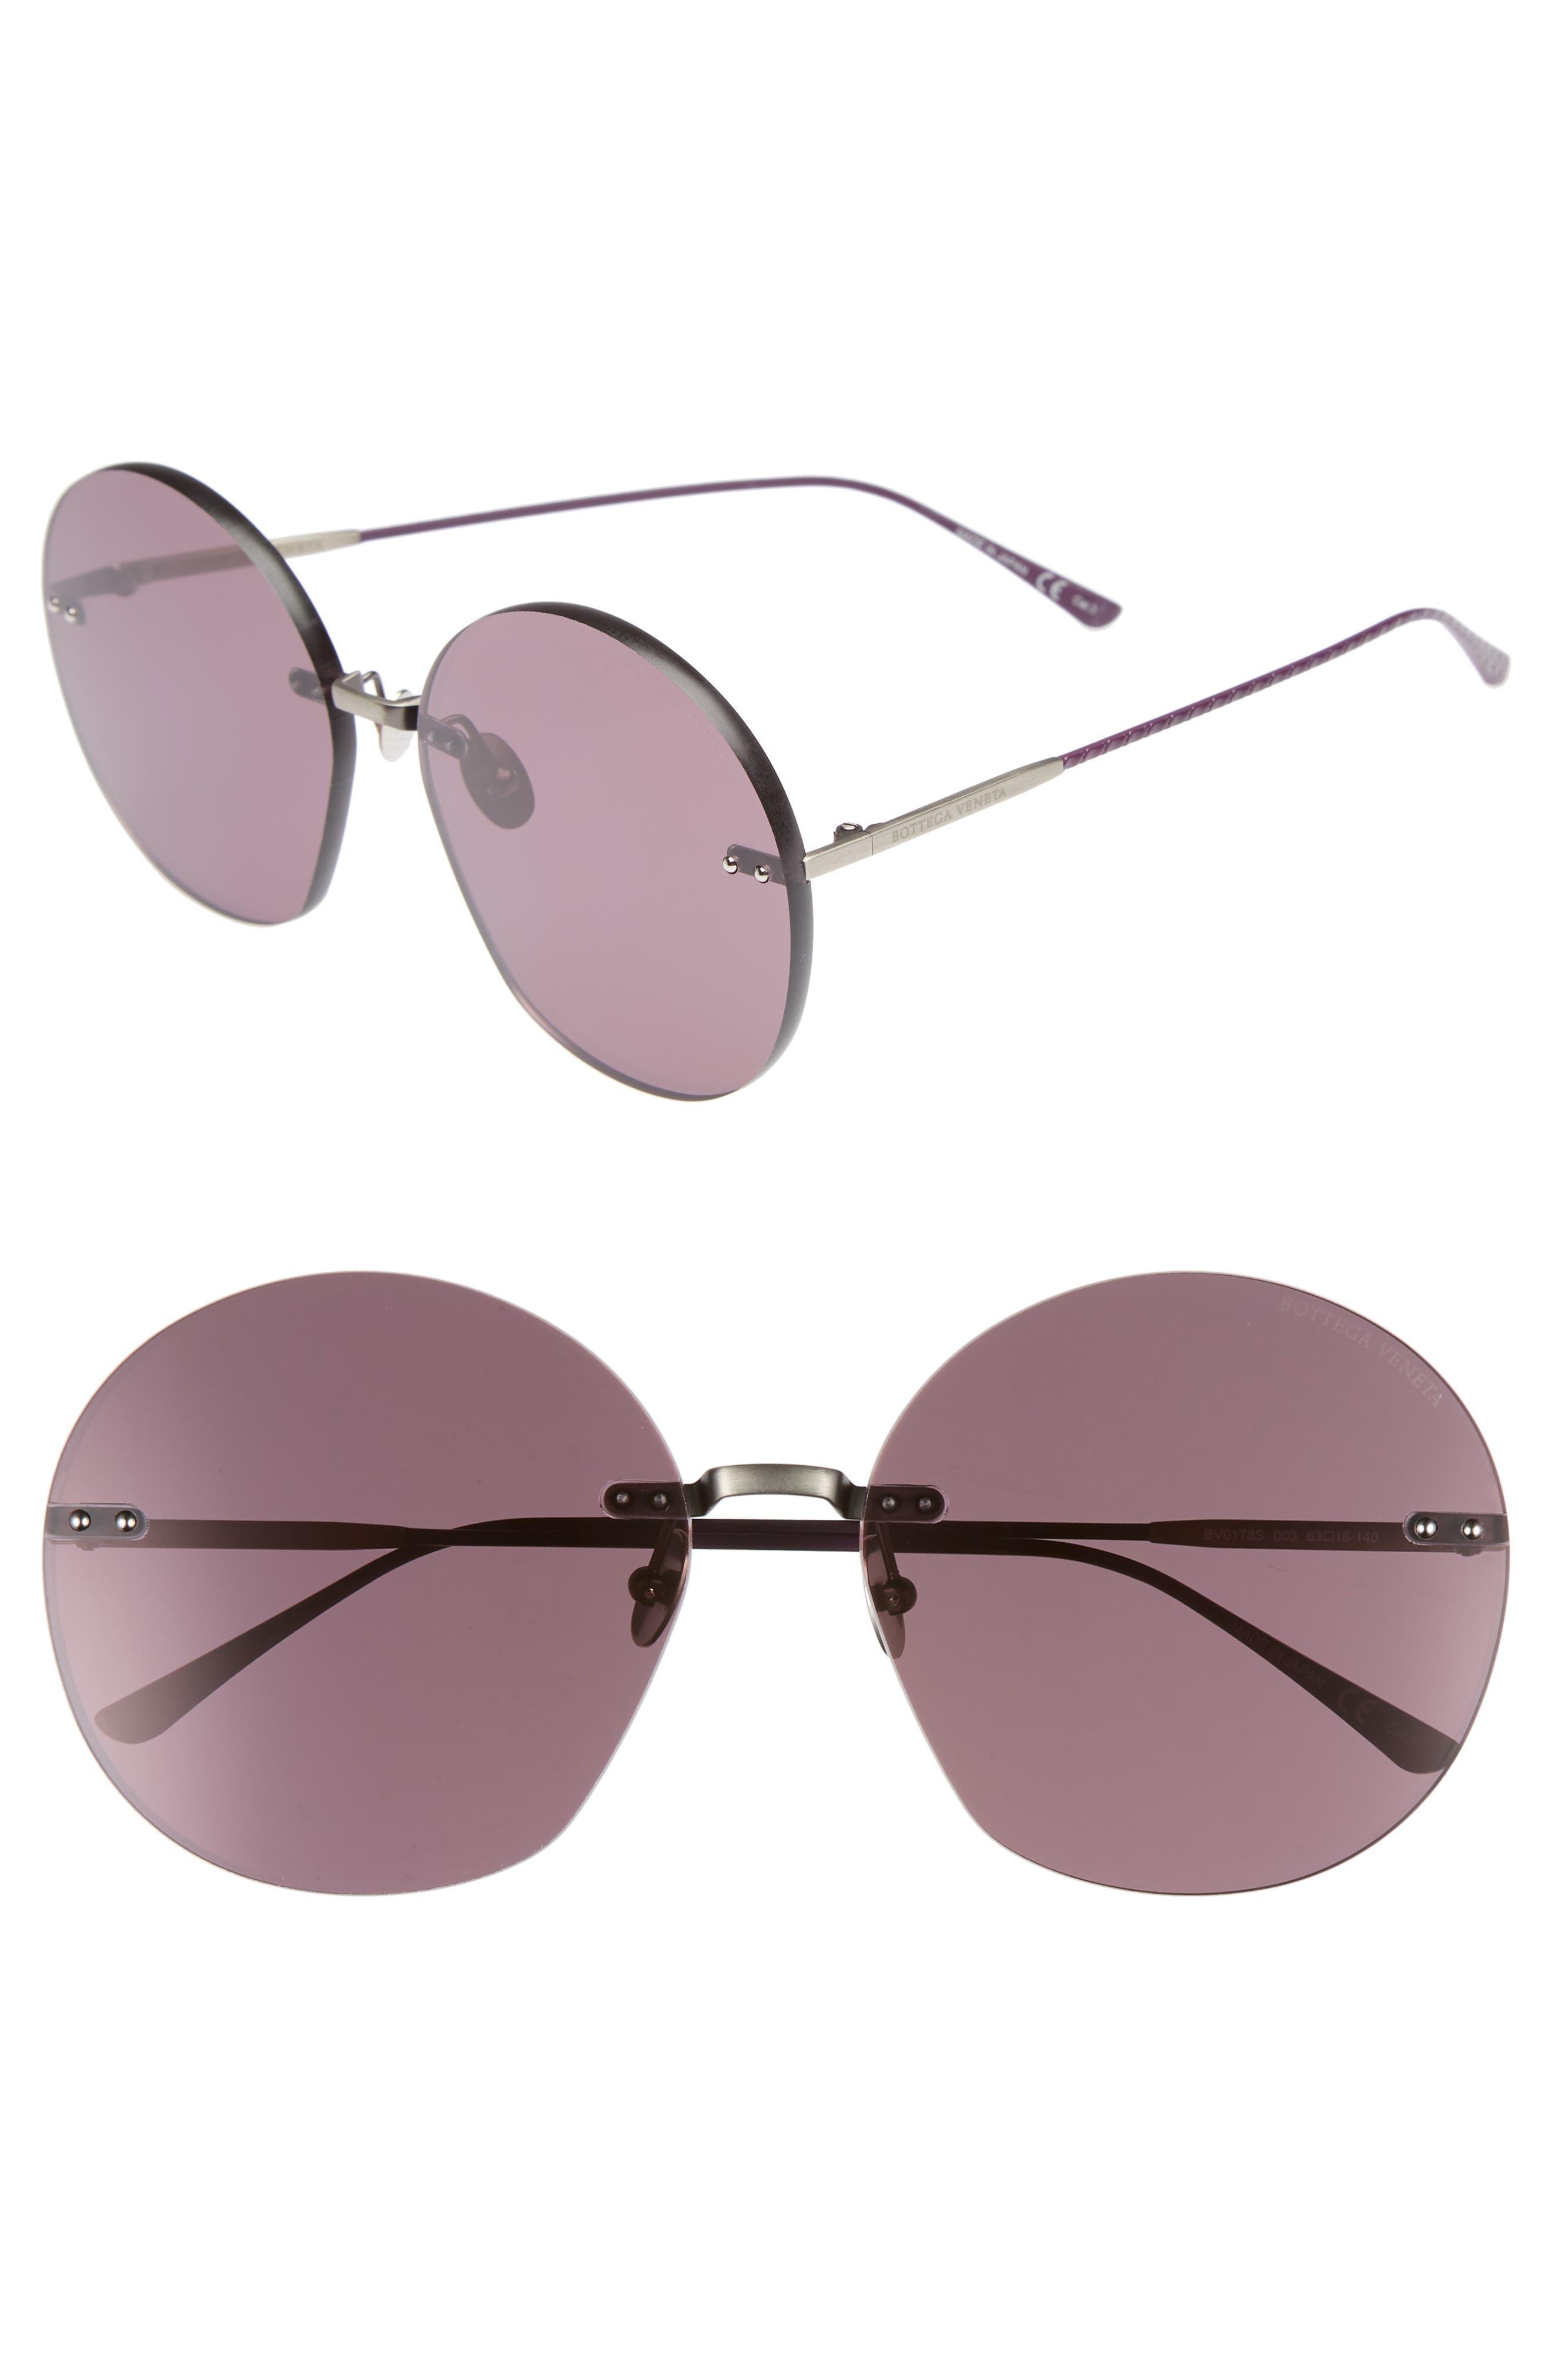 Bottega Veneta 63mm Round Sunglasses